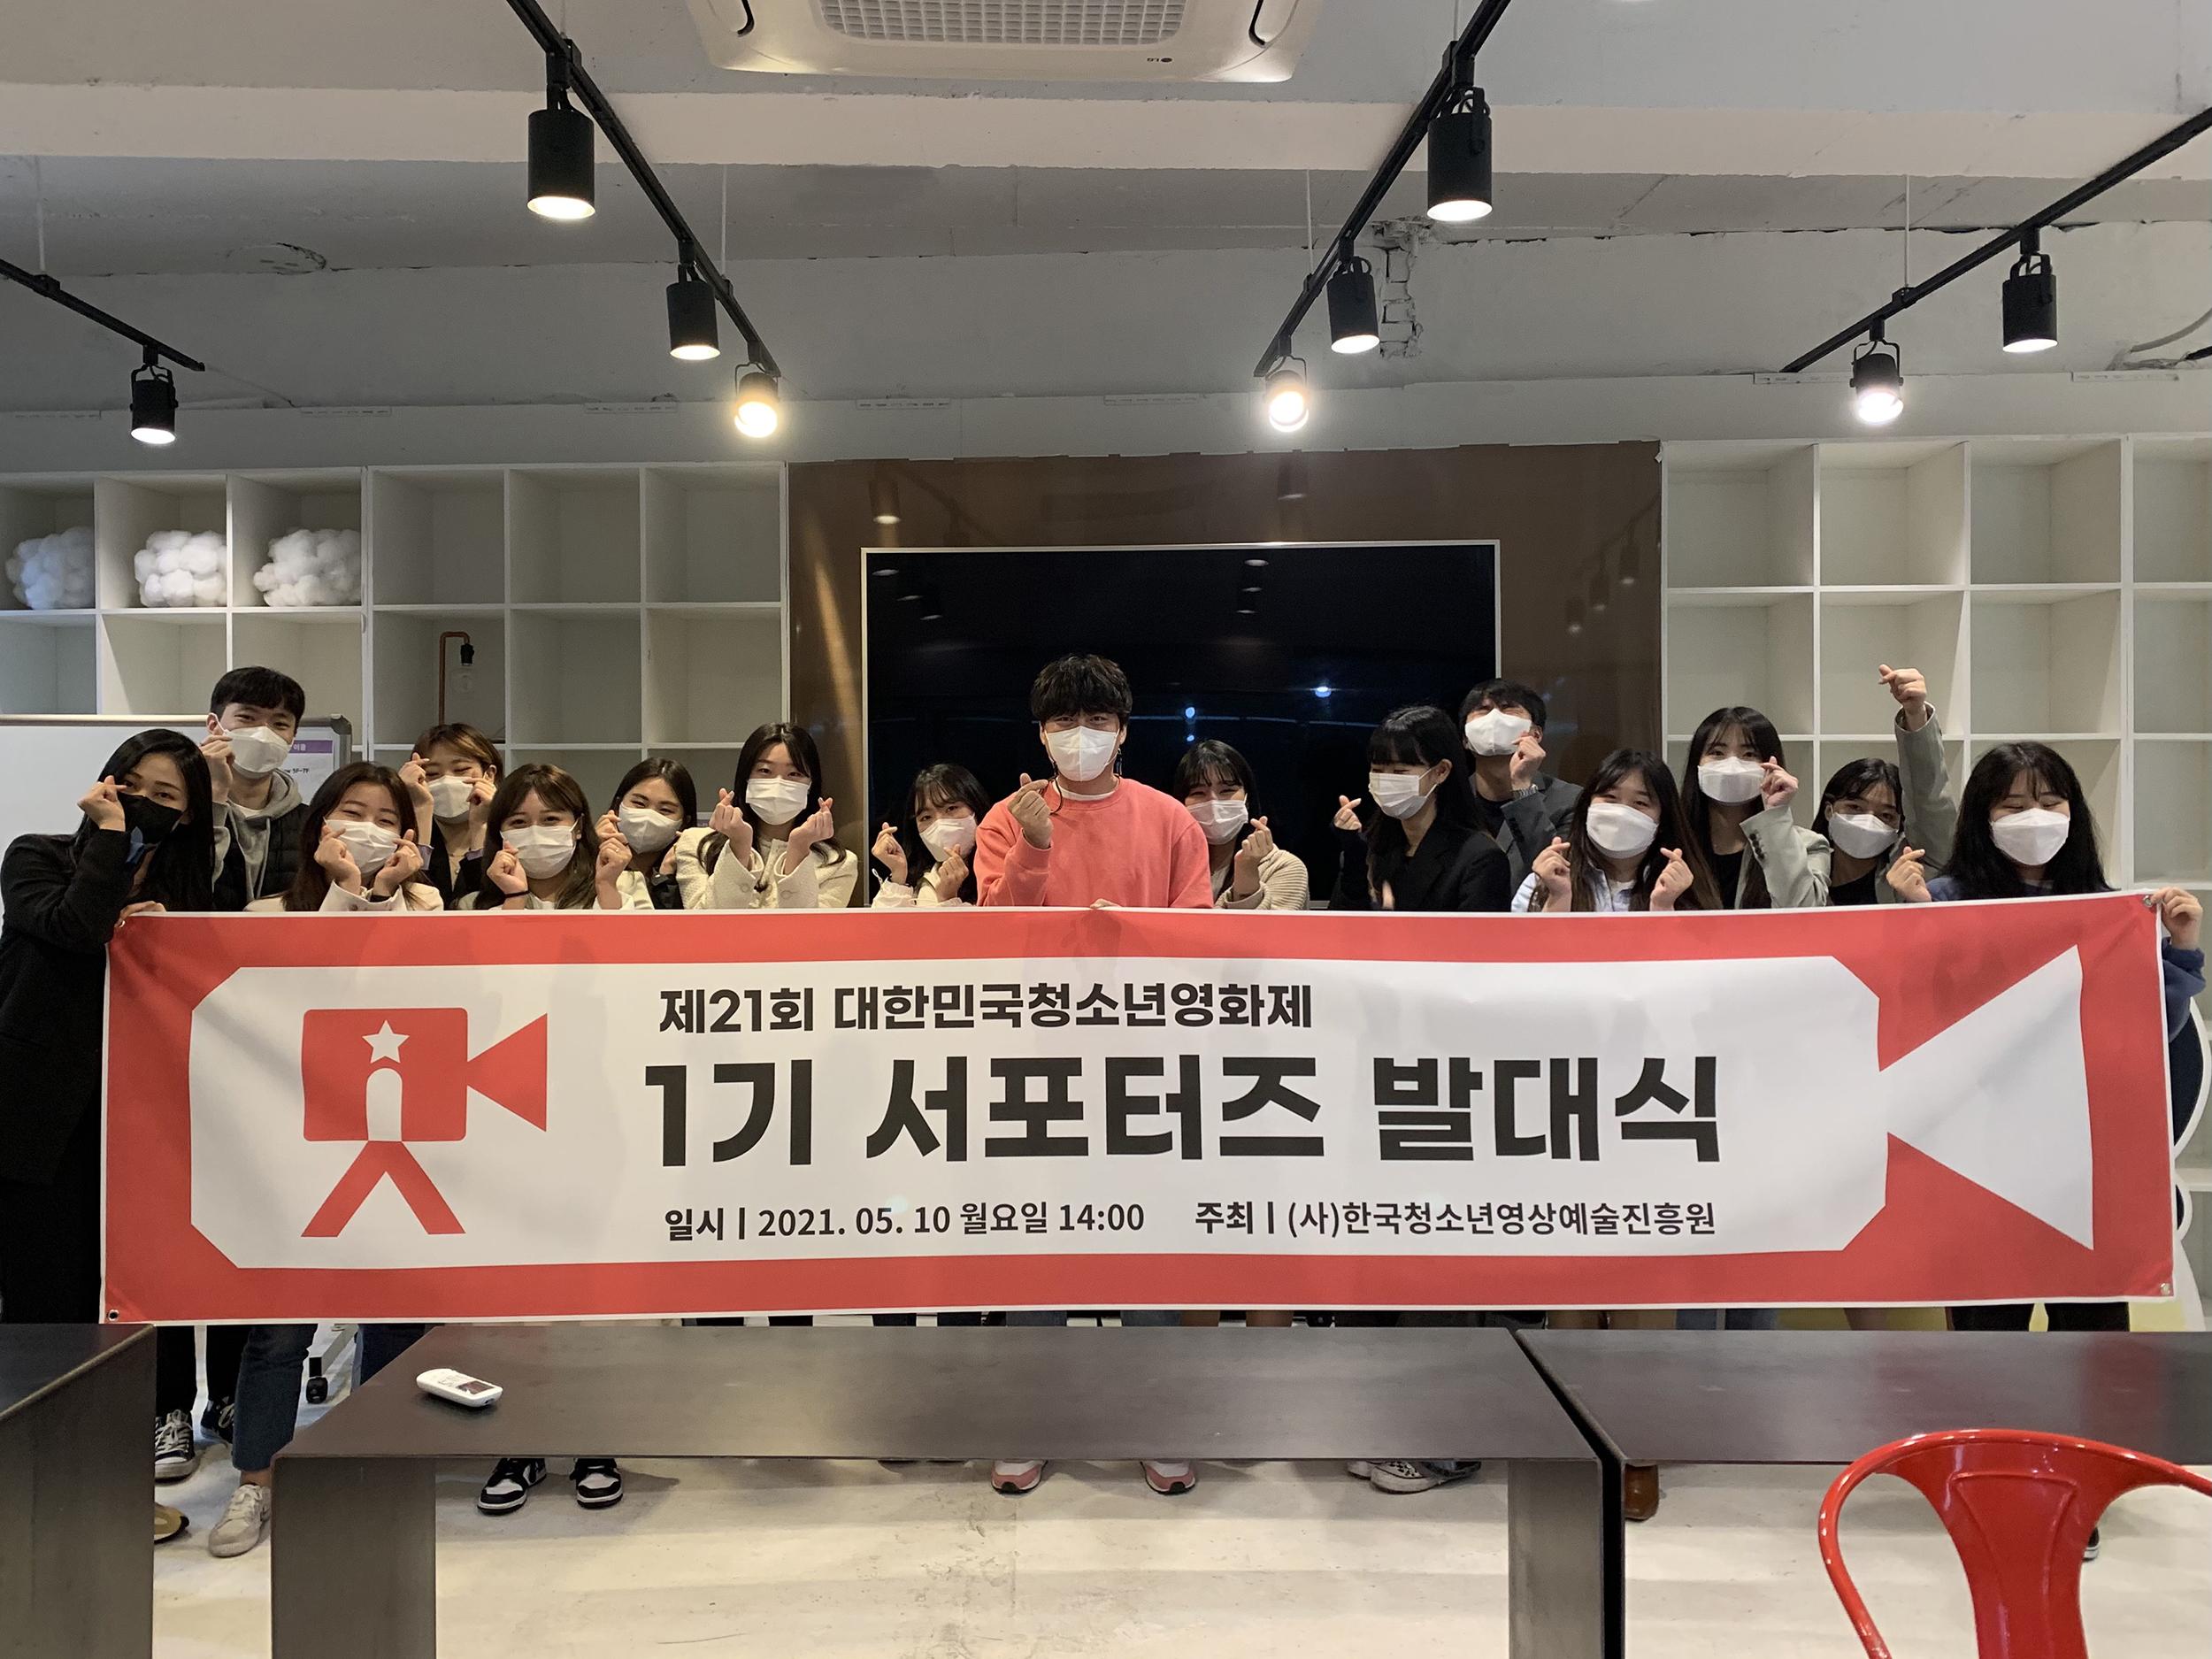 제21회 대한민국청소년영화제 1기 서포터즈 발대식 단체사진